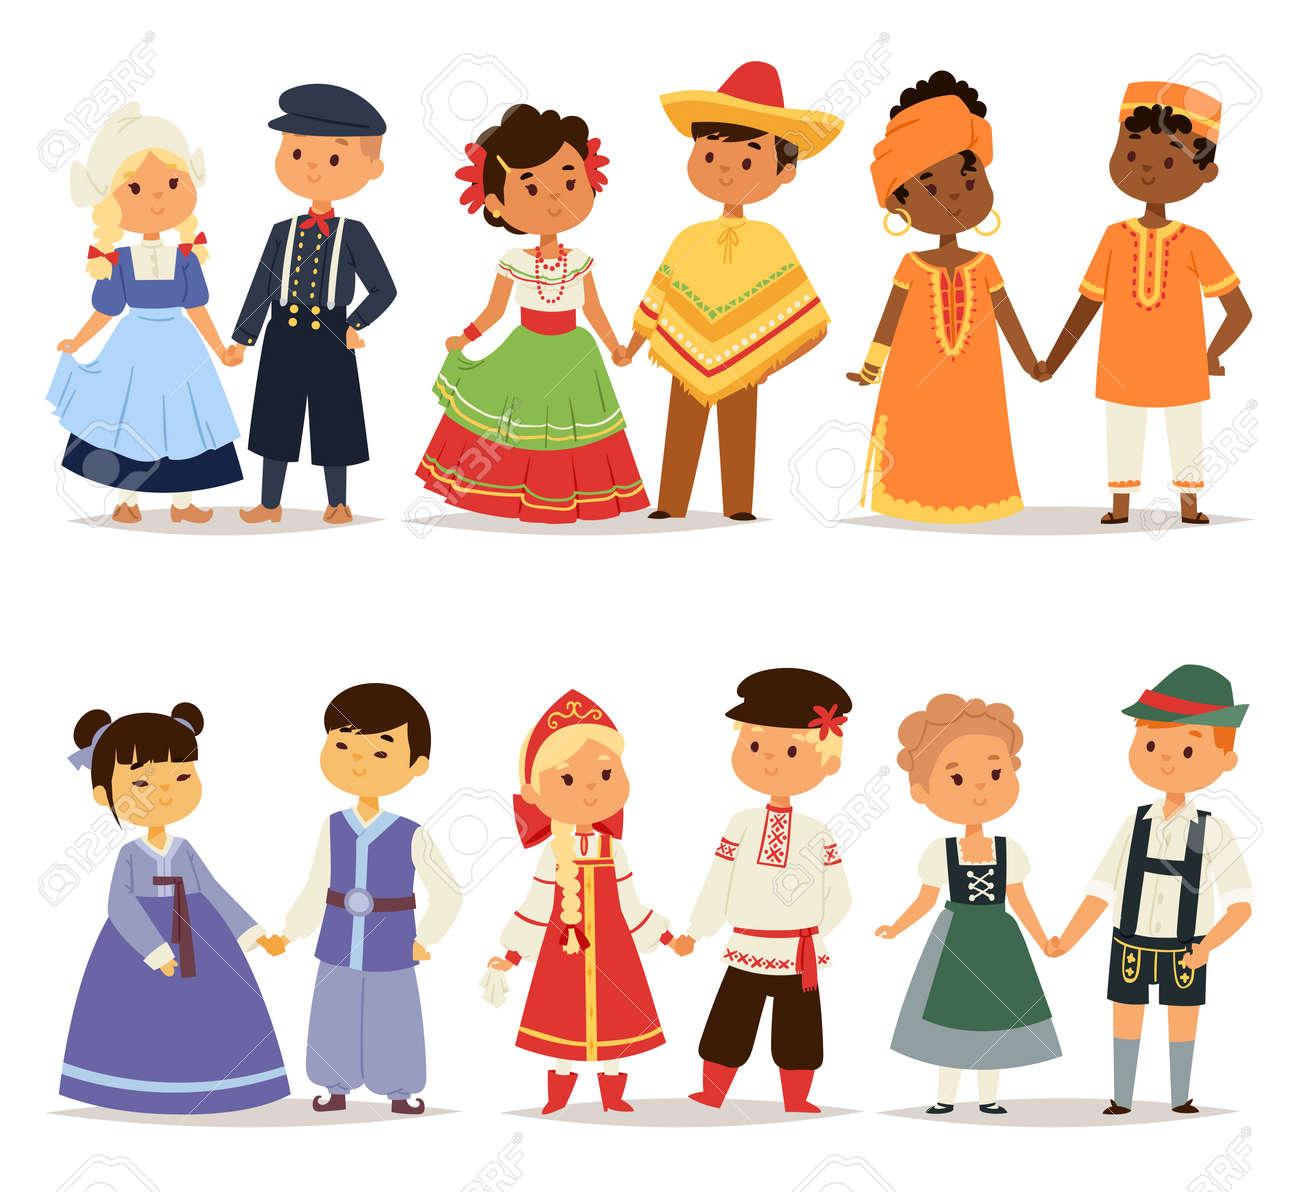 異なる民族衣装とかわいい子供たちの国籍ドレス ベクトル イラストの世界